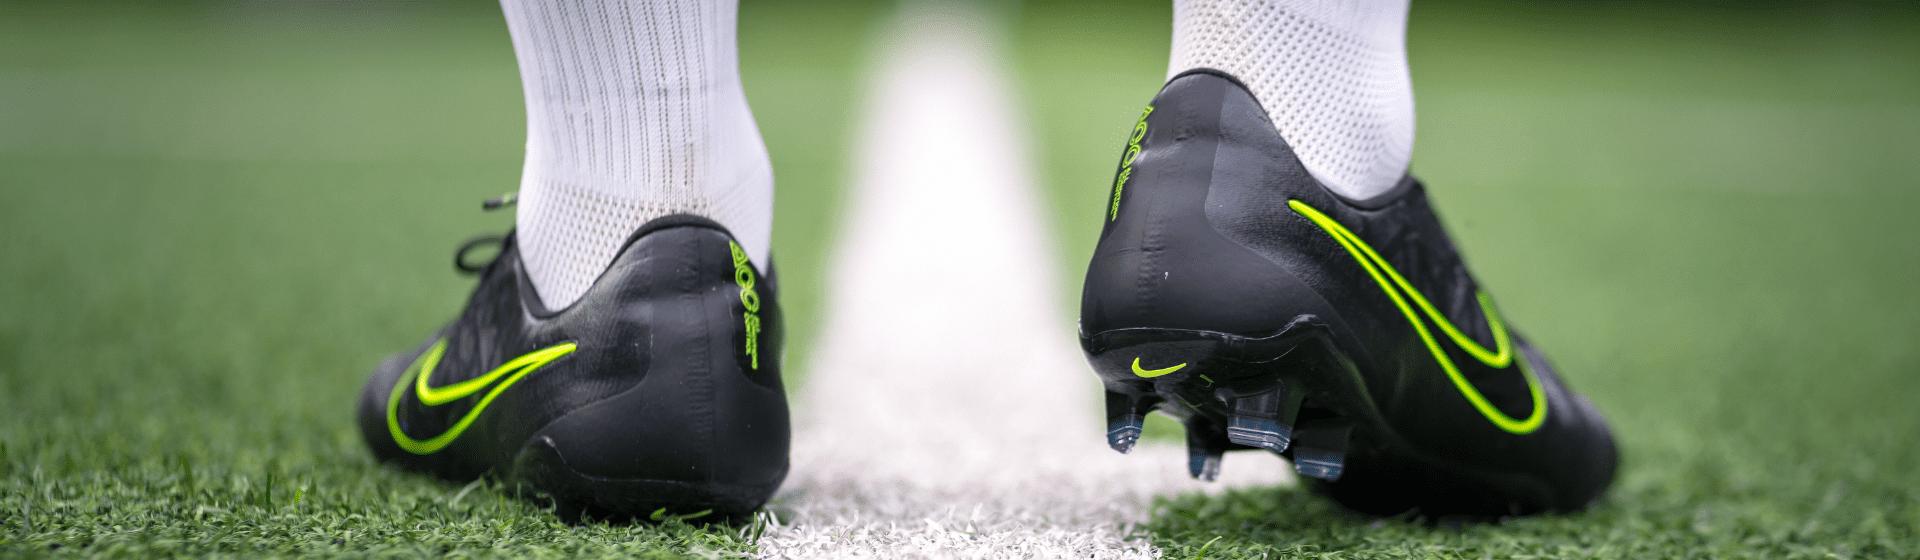 Melhor chuteira Nike de 2021: 6 opções para comprar